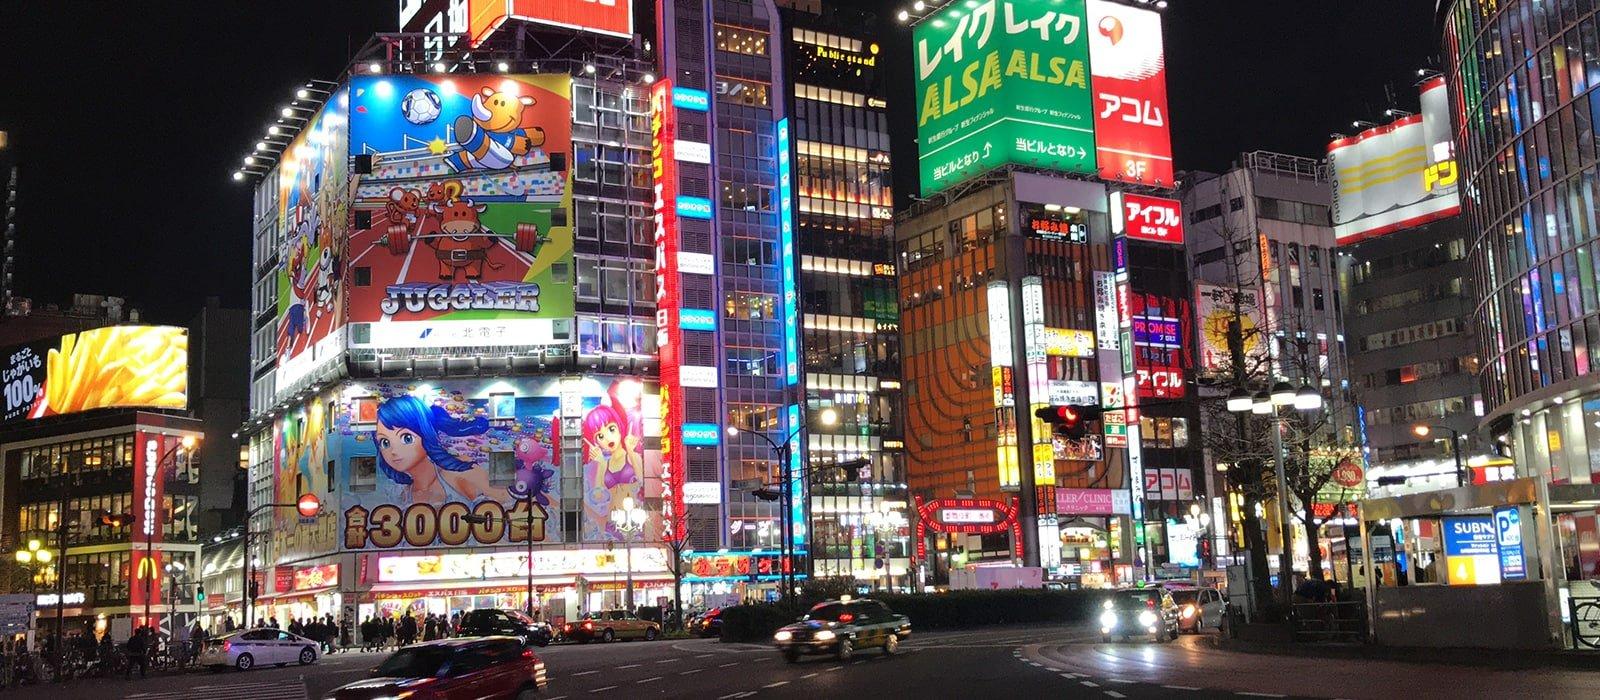 Voyage organisé en petit groupe - Shinjuku - Japon - Agence de voyage Les Routes du Monde